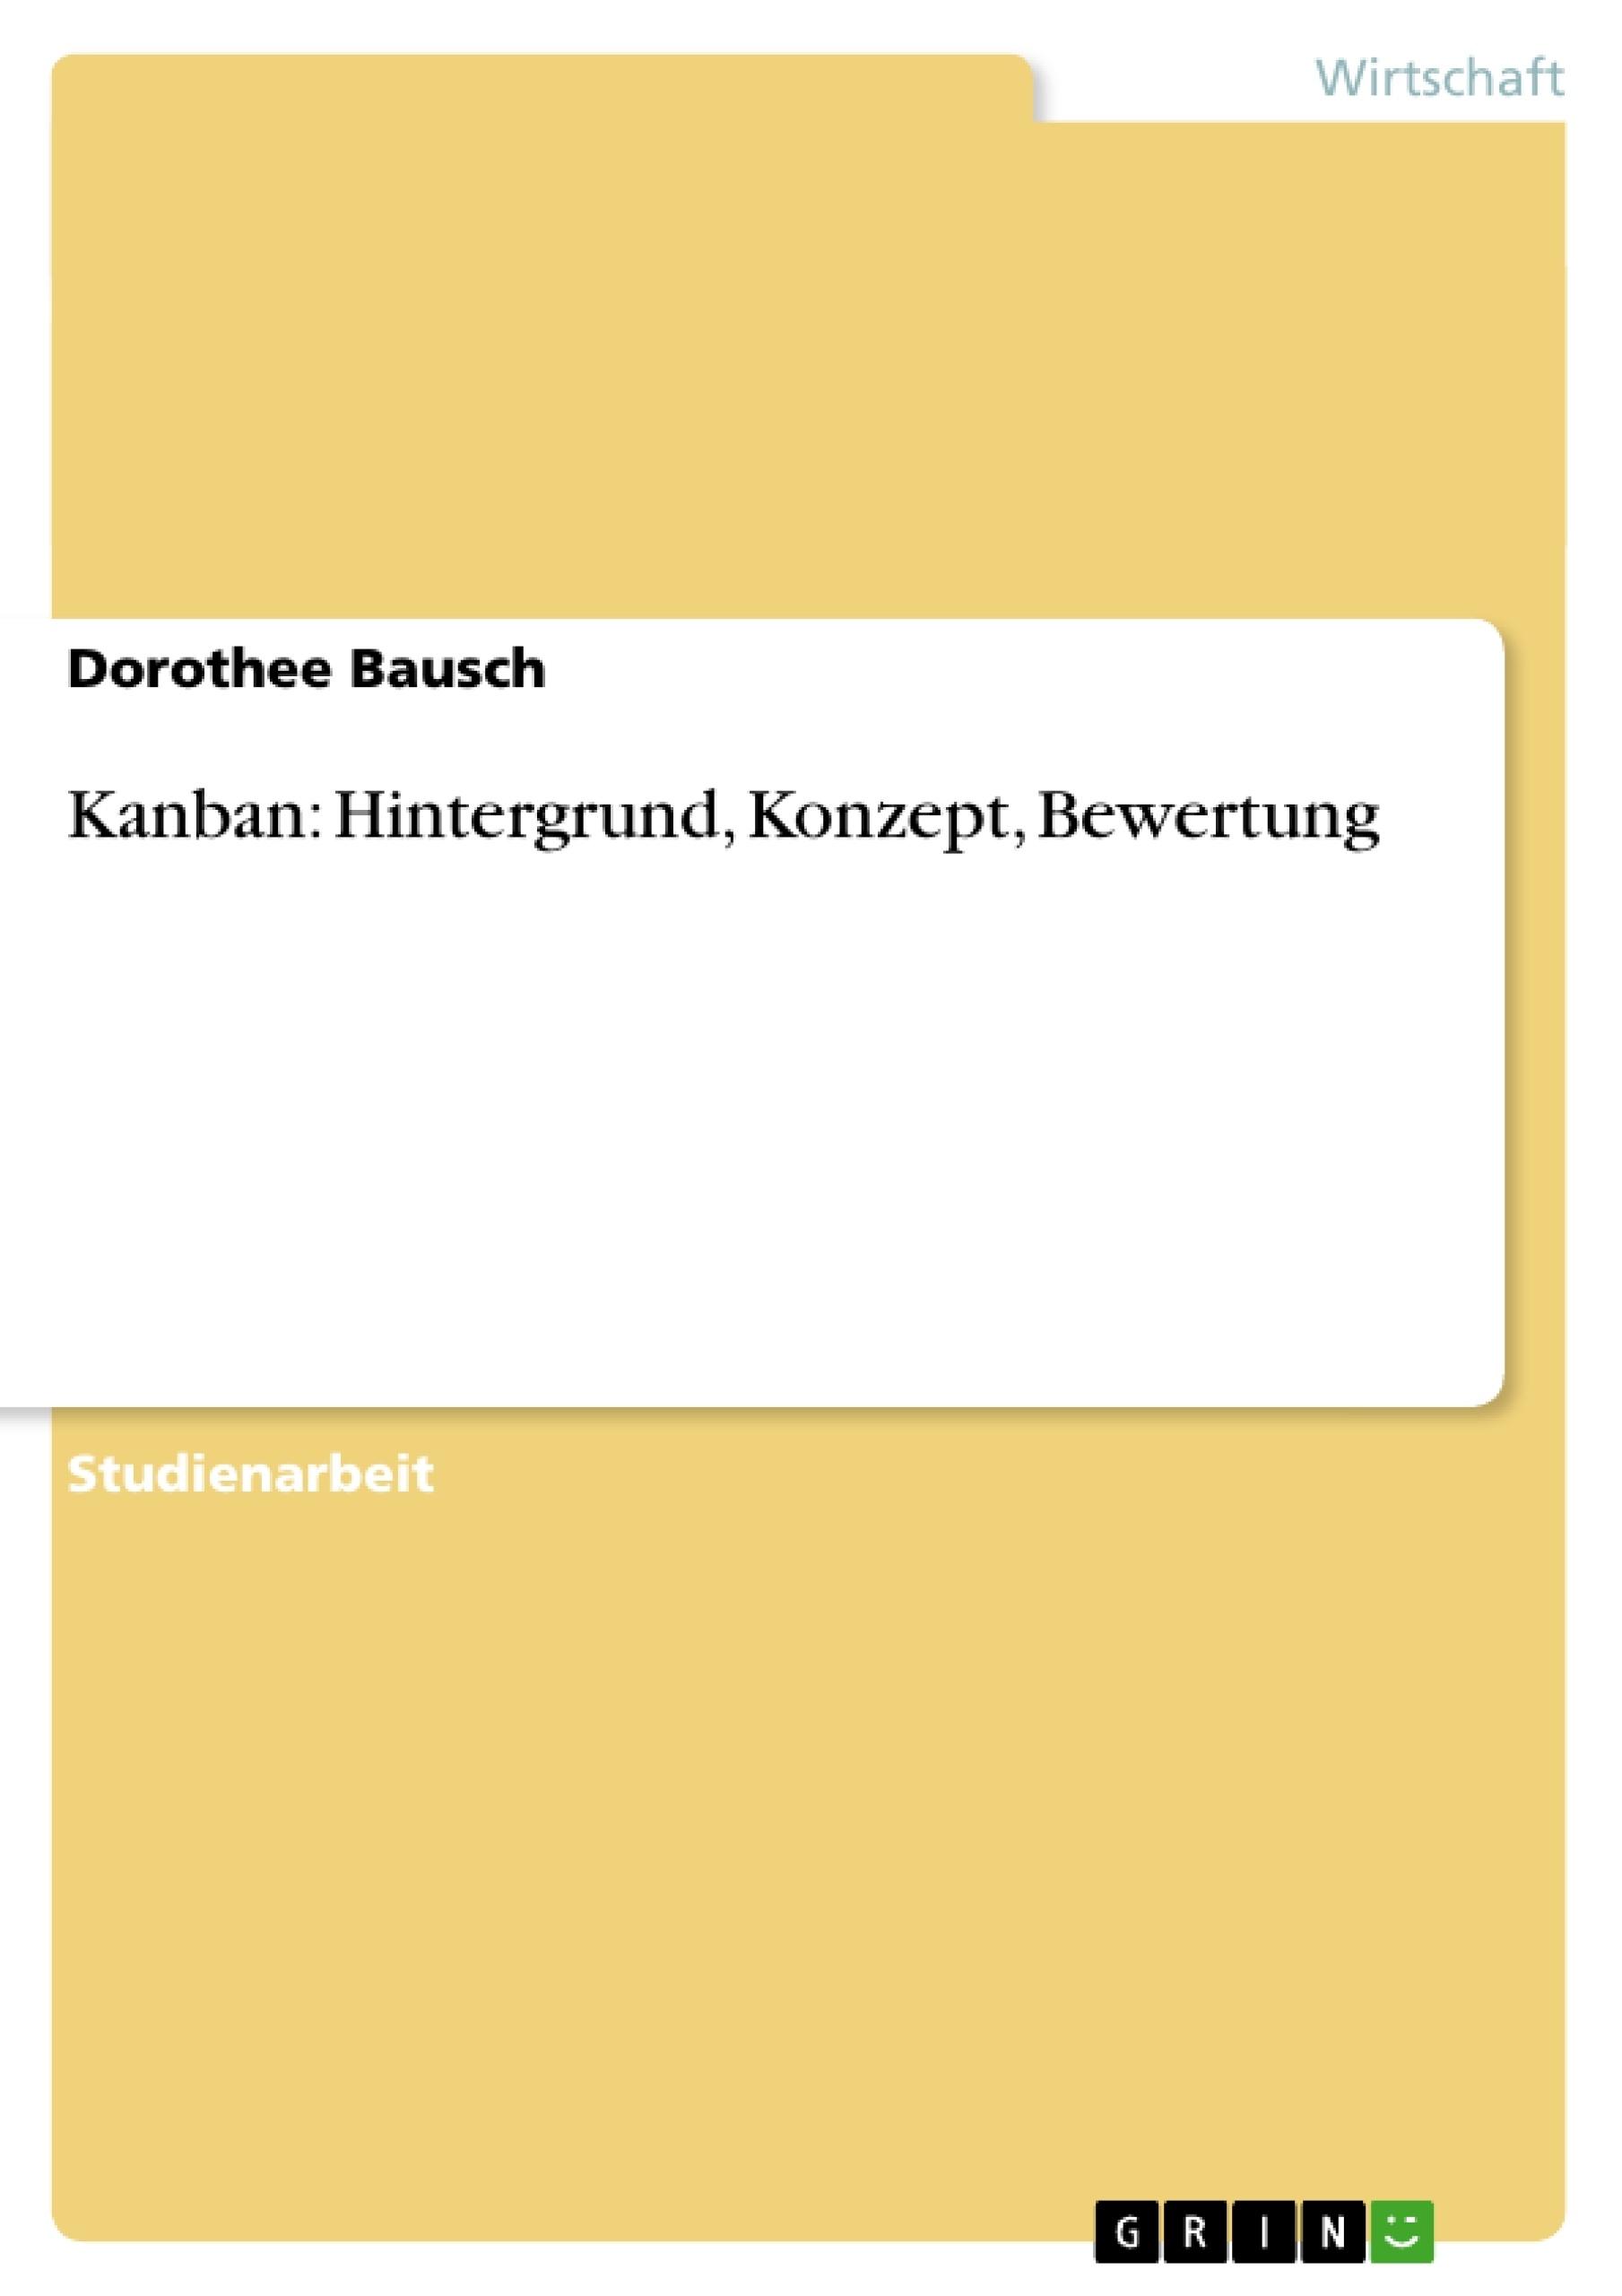 Titel: Kanban: Hintergrund, Konzept, Bewertung